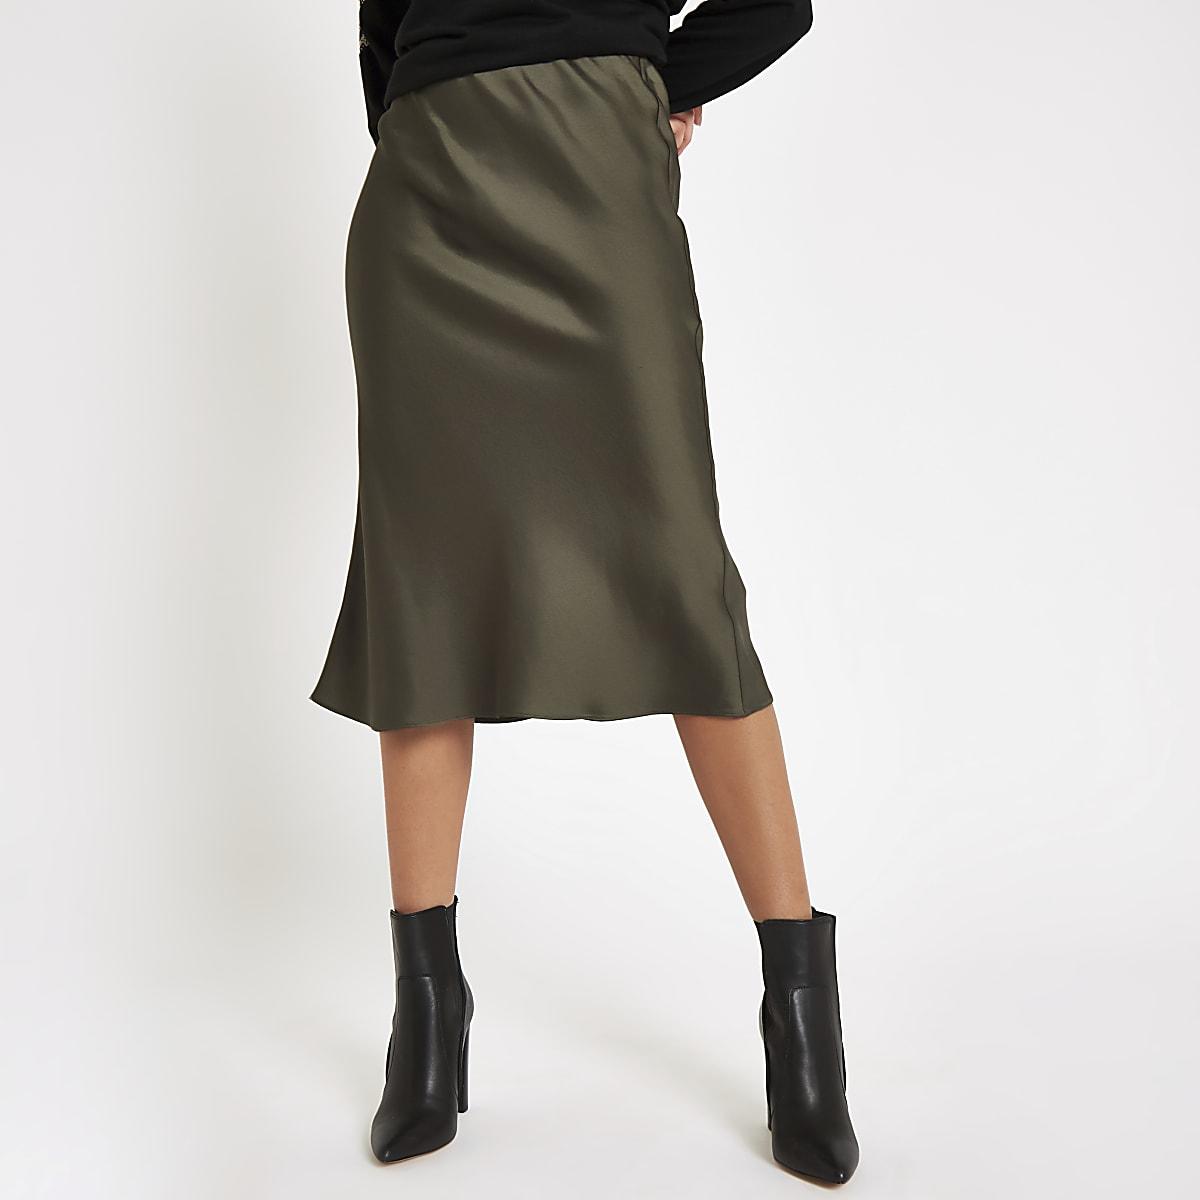 6d2f3dd08ff8 Khaki bias cut midi skirt - Midi Skirts - Skirts - women